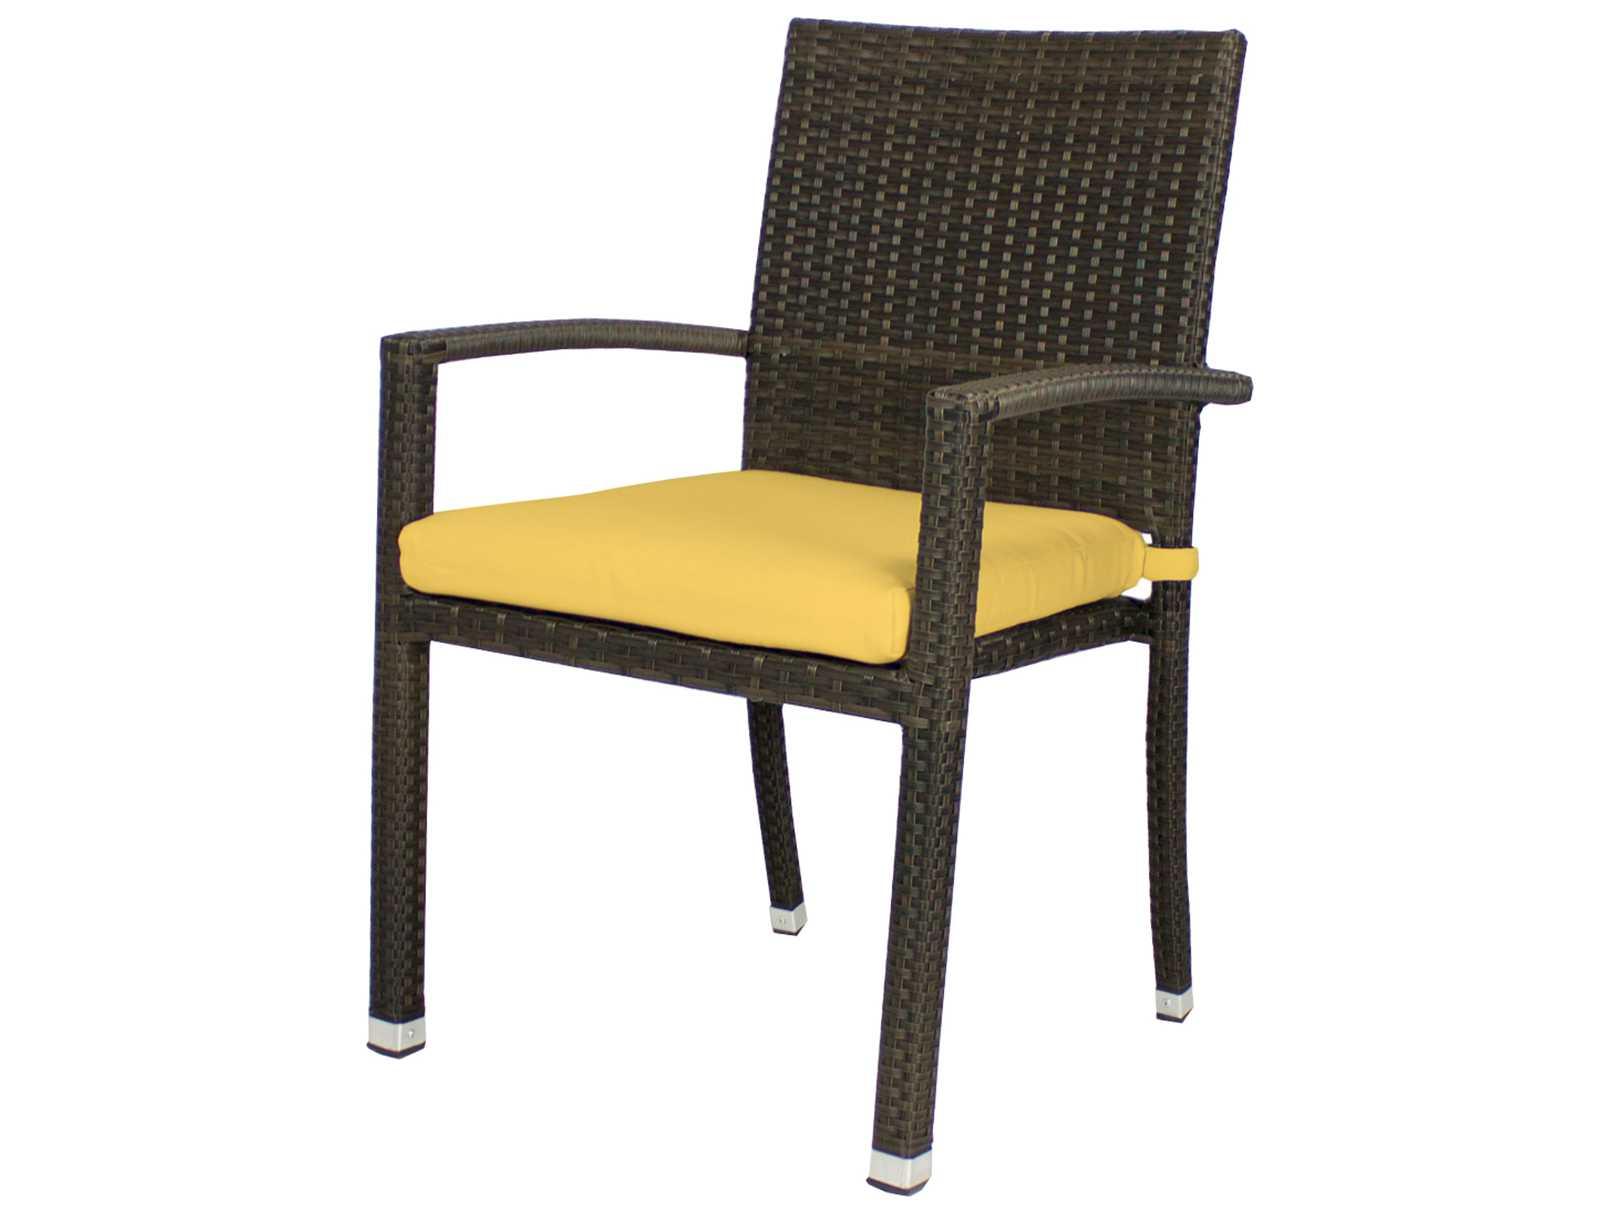 Source outdoor furniture zen wicker dining arm chair so for Source outdoor furniture